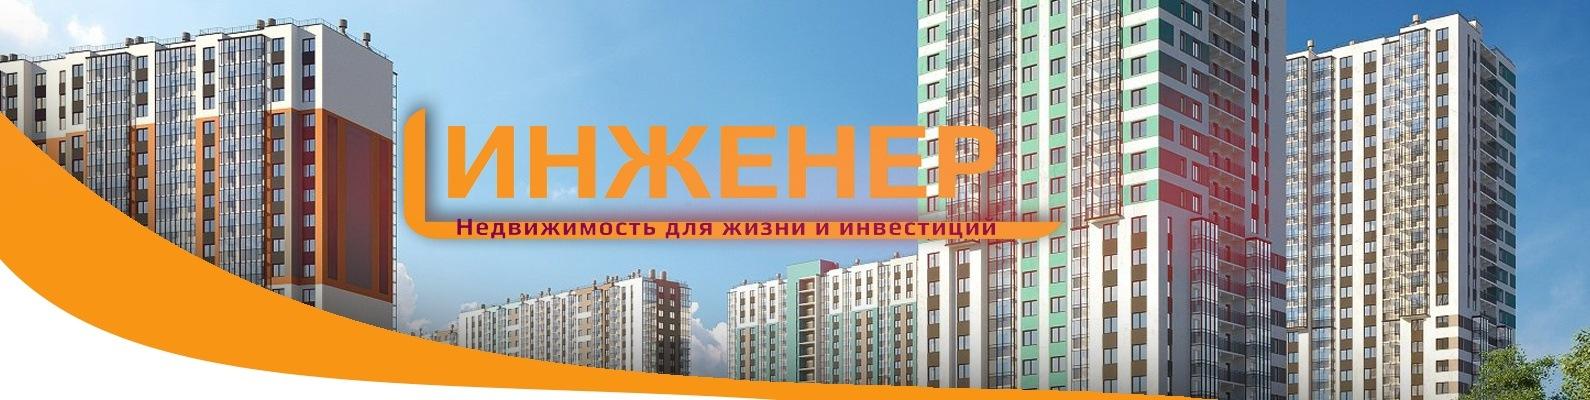 91c1ad602d148 НОВОСТРОЙКИ | ПОКУПКА | ПРОДАЖА ЧЕЛЯБИНСК | ВКонтакте